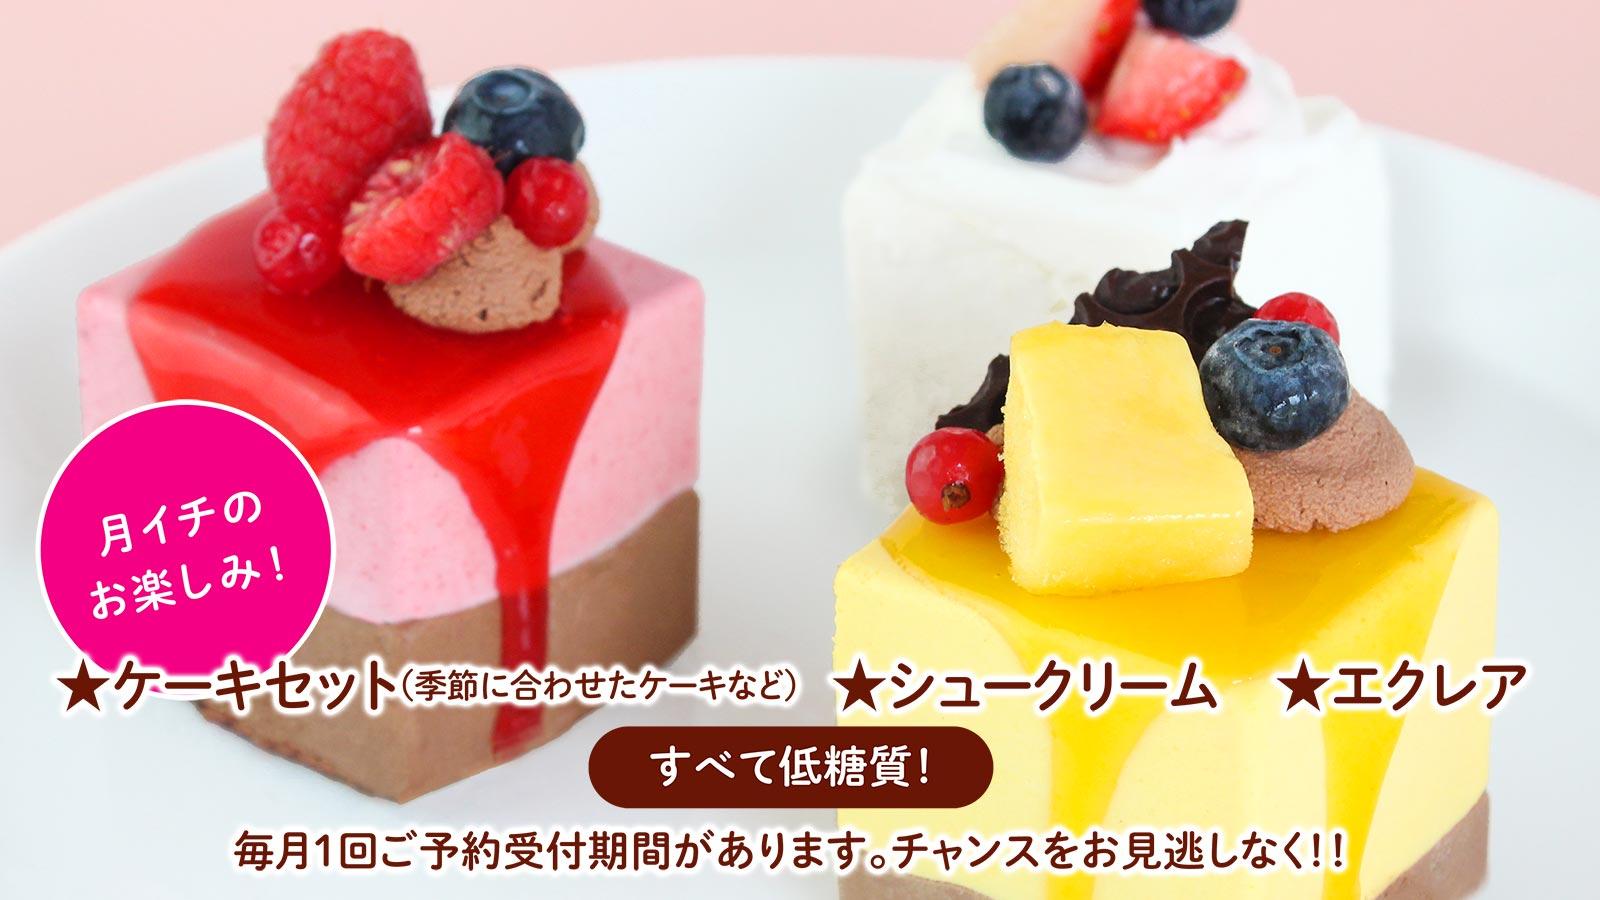 低糖質ショートケーキ・マンゴームース・ラズベリームース